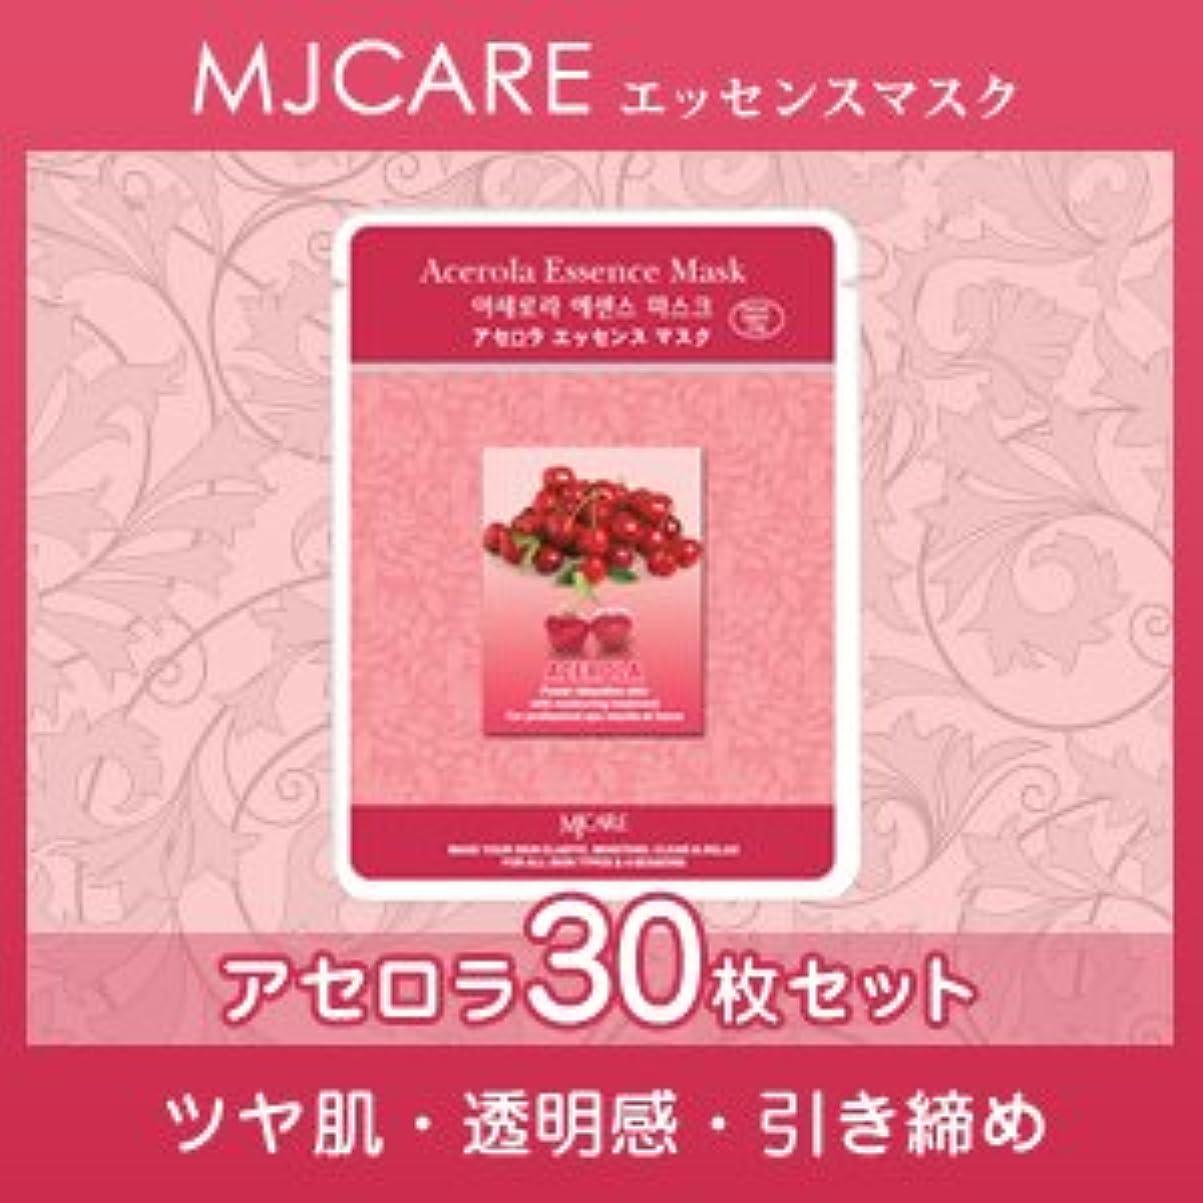 美容師化学薬品代わりのMJCARE (エムジェイケア) アセロラ エッセンスマスク 30セット